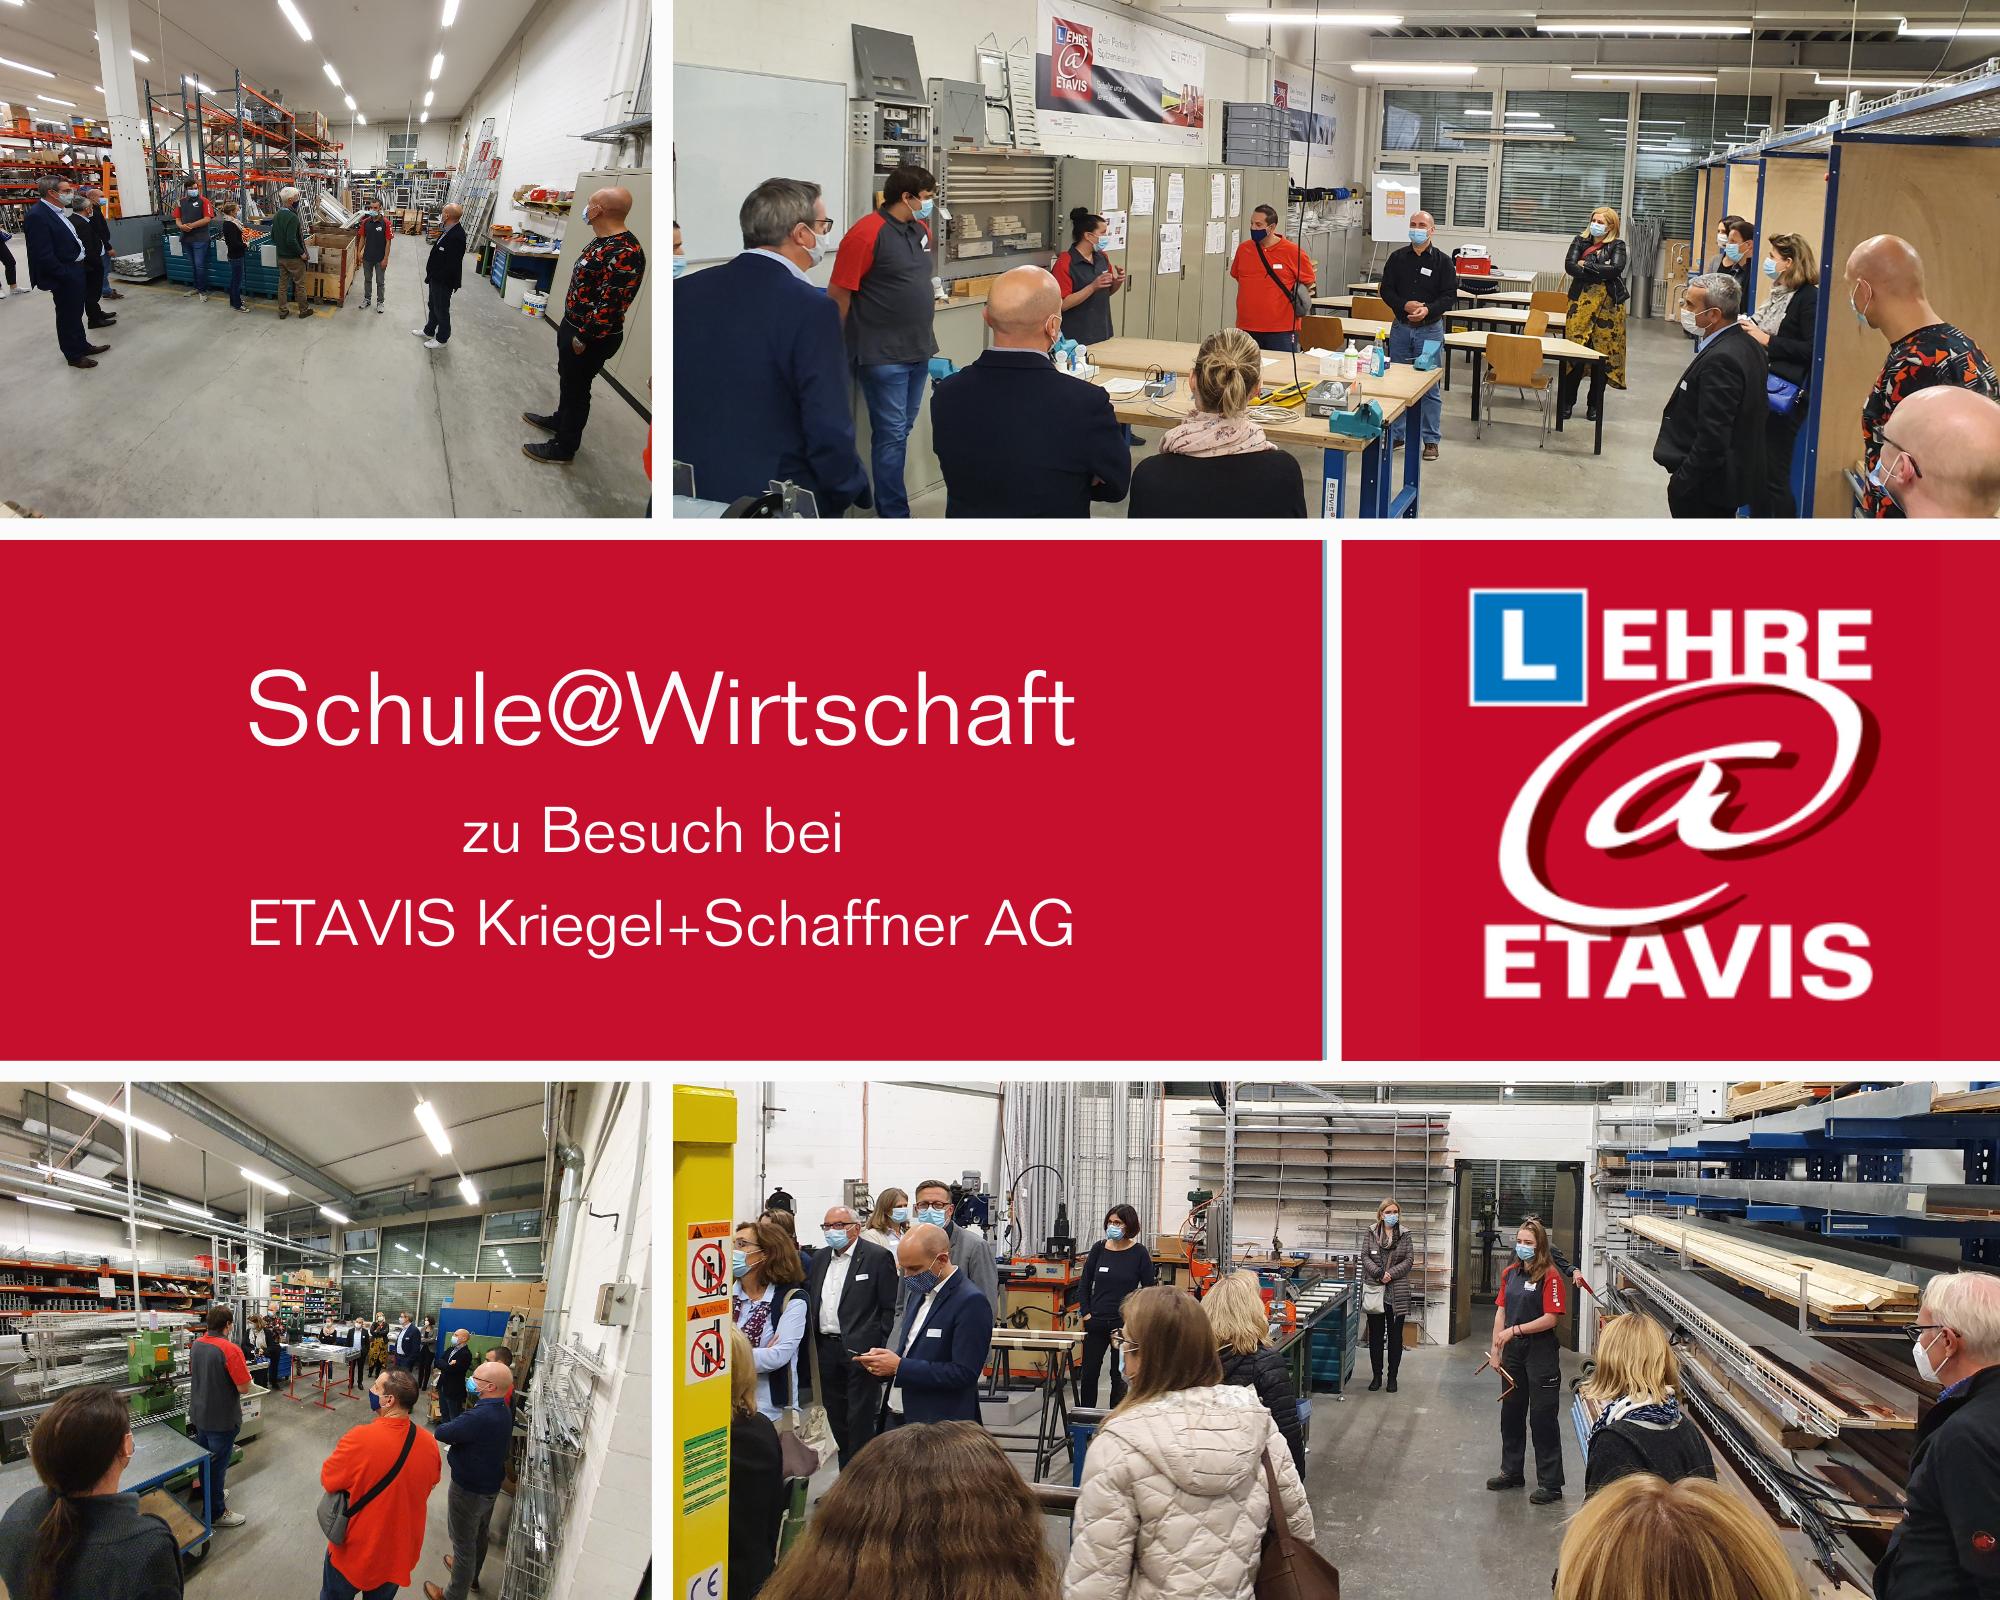 Schule@Wirtschaft bei ETAVIS Kriegel+Schaffner AG: Karriere mit Lehre